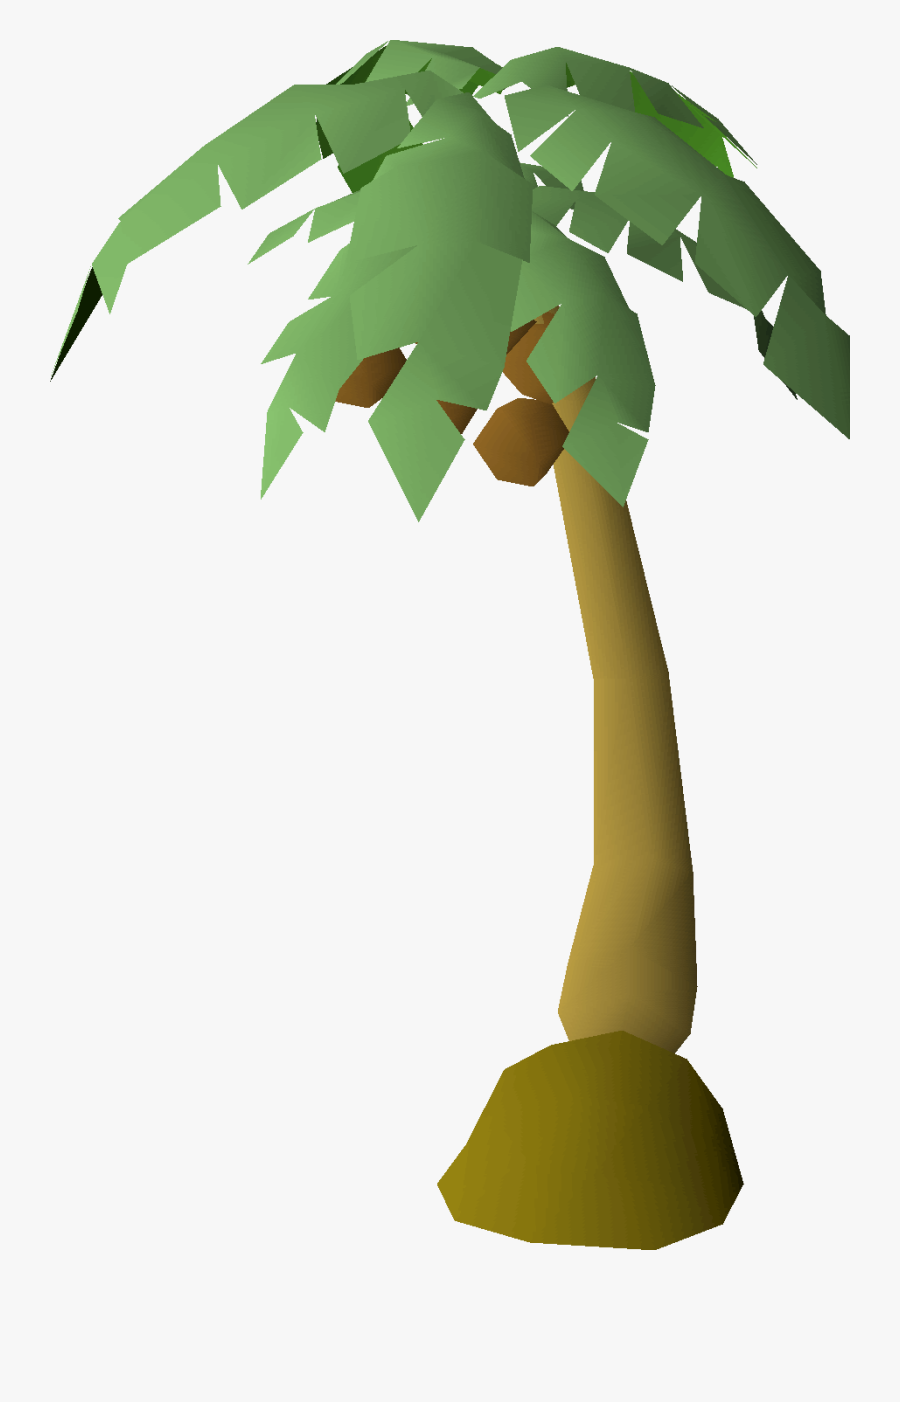 Runescape Palm Tree, Transparent Clipart